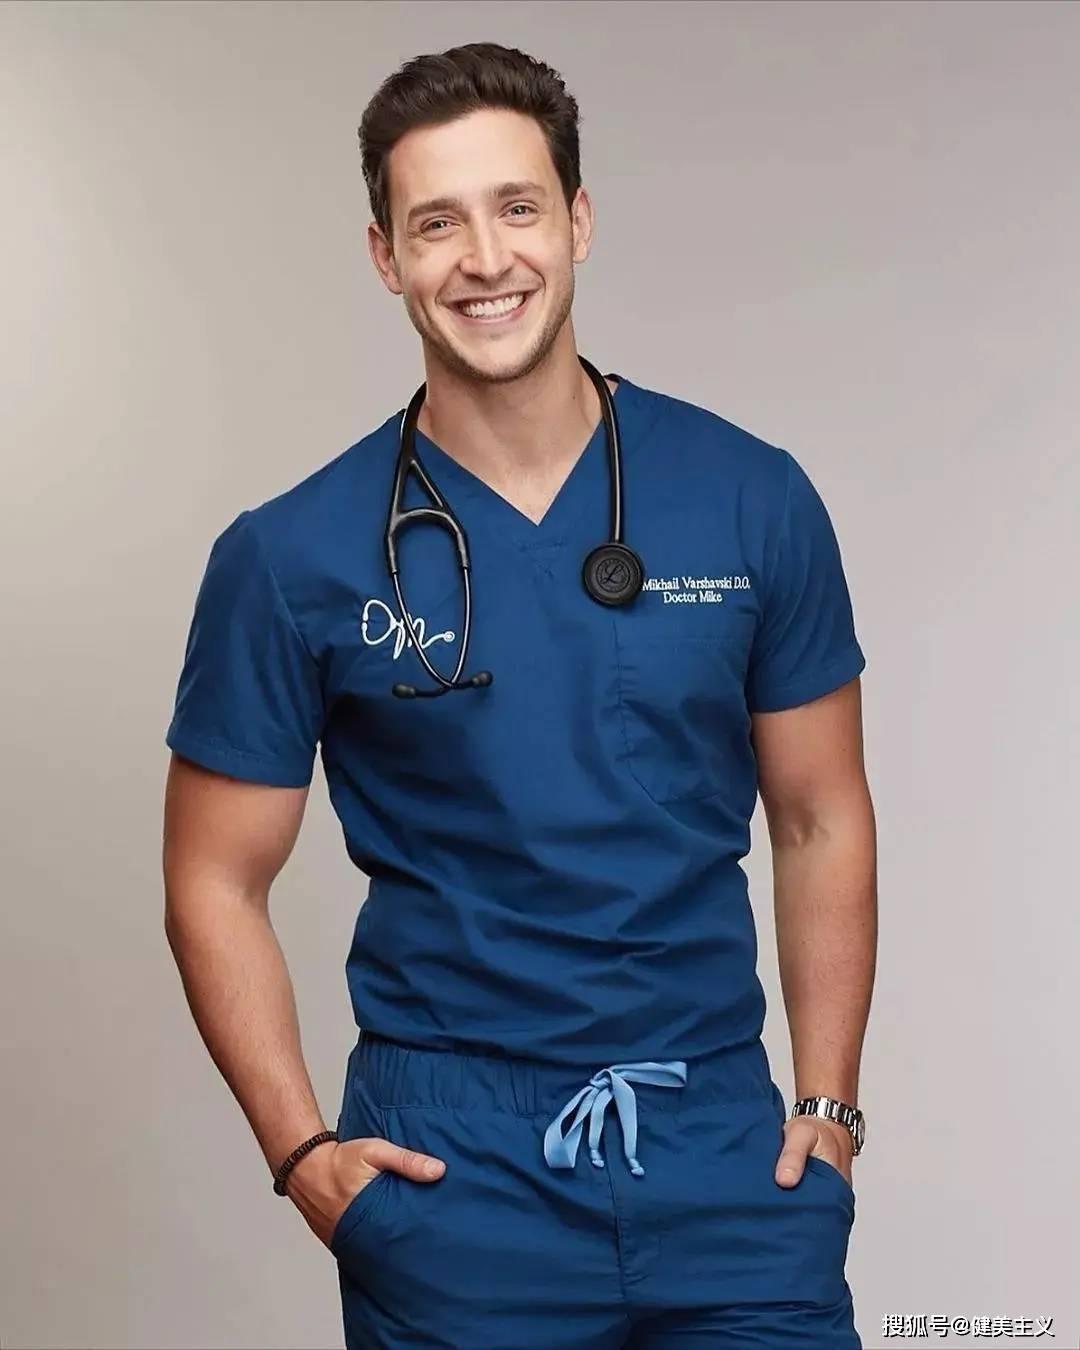 舔屏!全球最帅医生,更帅的是他的生活方式,开挂般的人生!